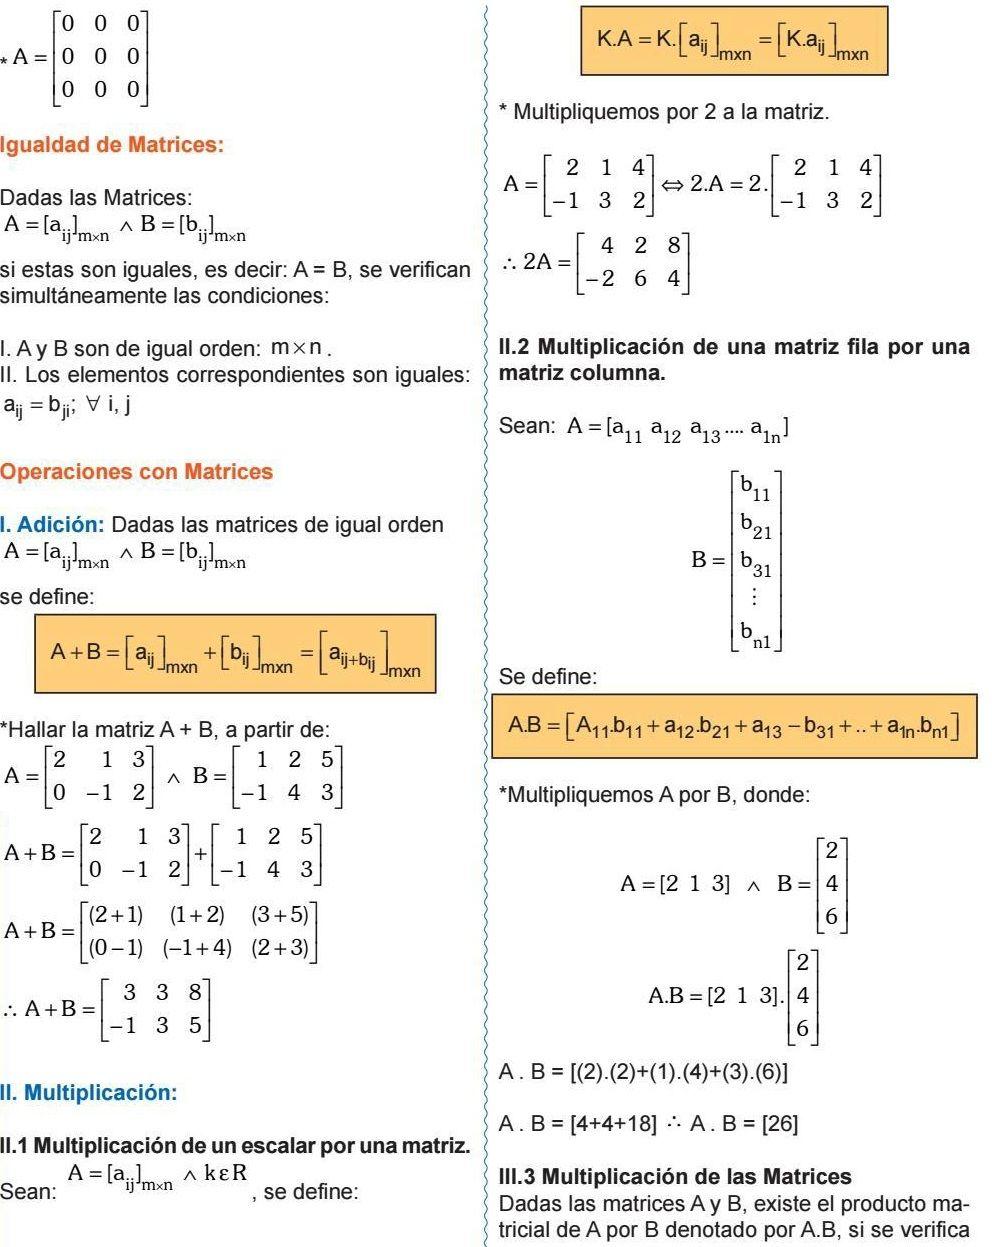 Igualdad De Matrices Operaciones Con Matrices Graficas Matematicas Lecciones De Matematicas Secundaria Matematicas